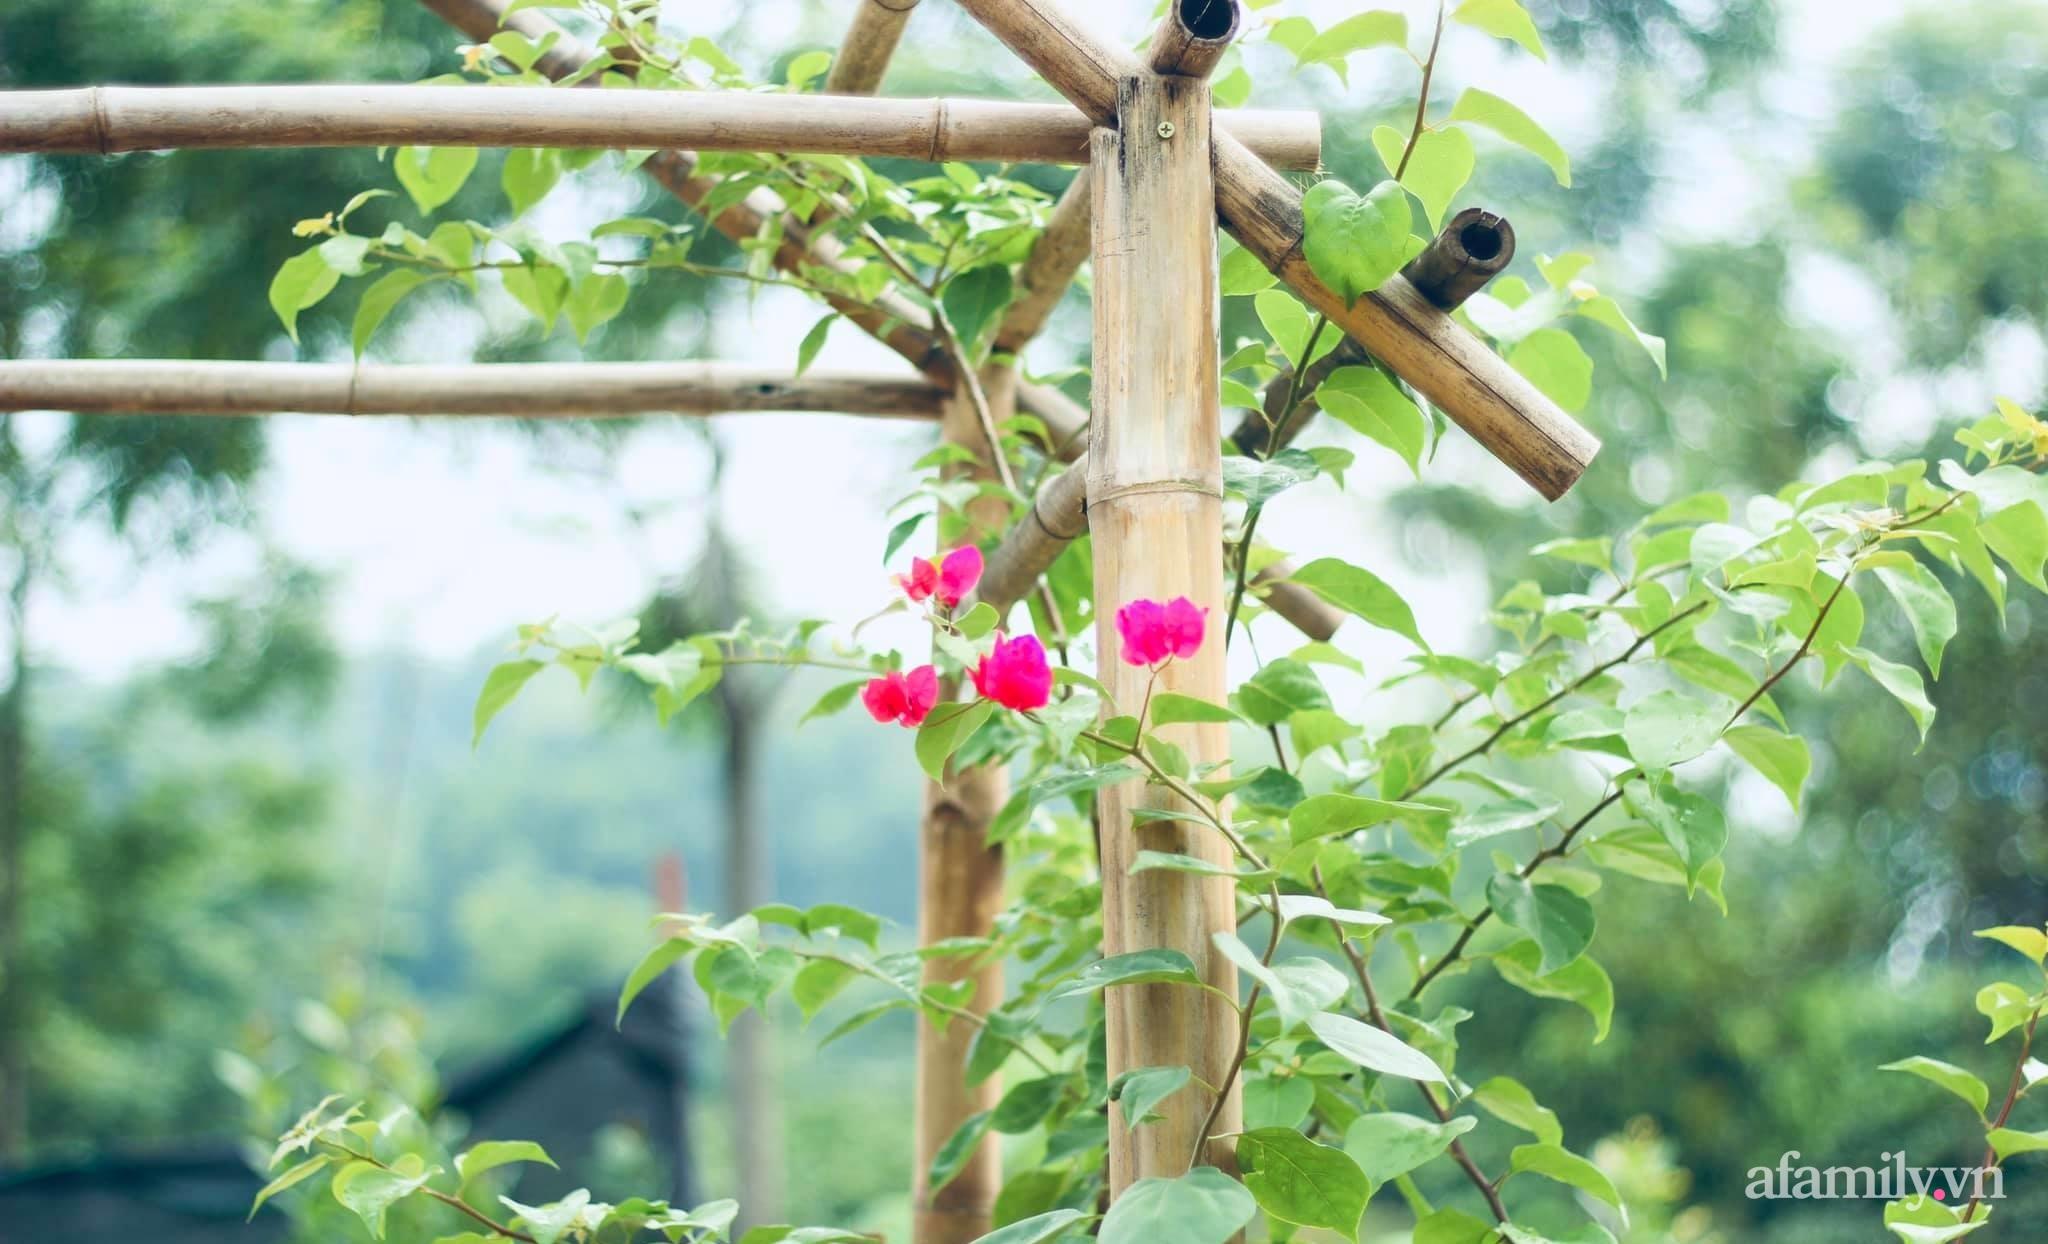 Cô gái trẻ bỏ Hà Nội phố về quê trồng rau nuôi cá, tạo không gian xanh sống cuộc đời an lành - Ảnh 12.